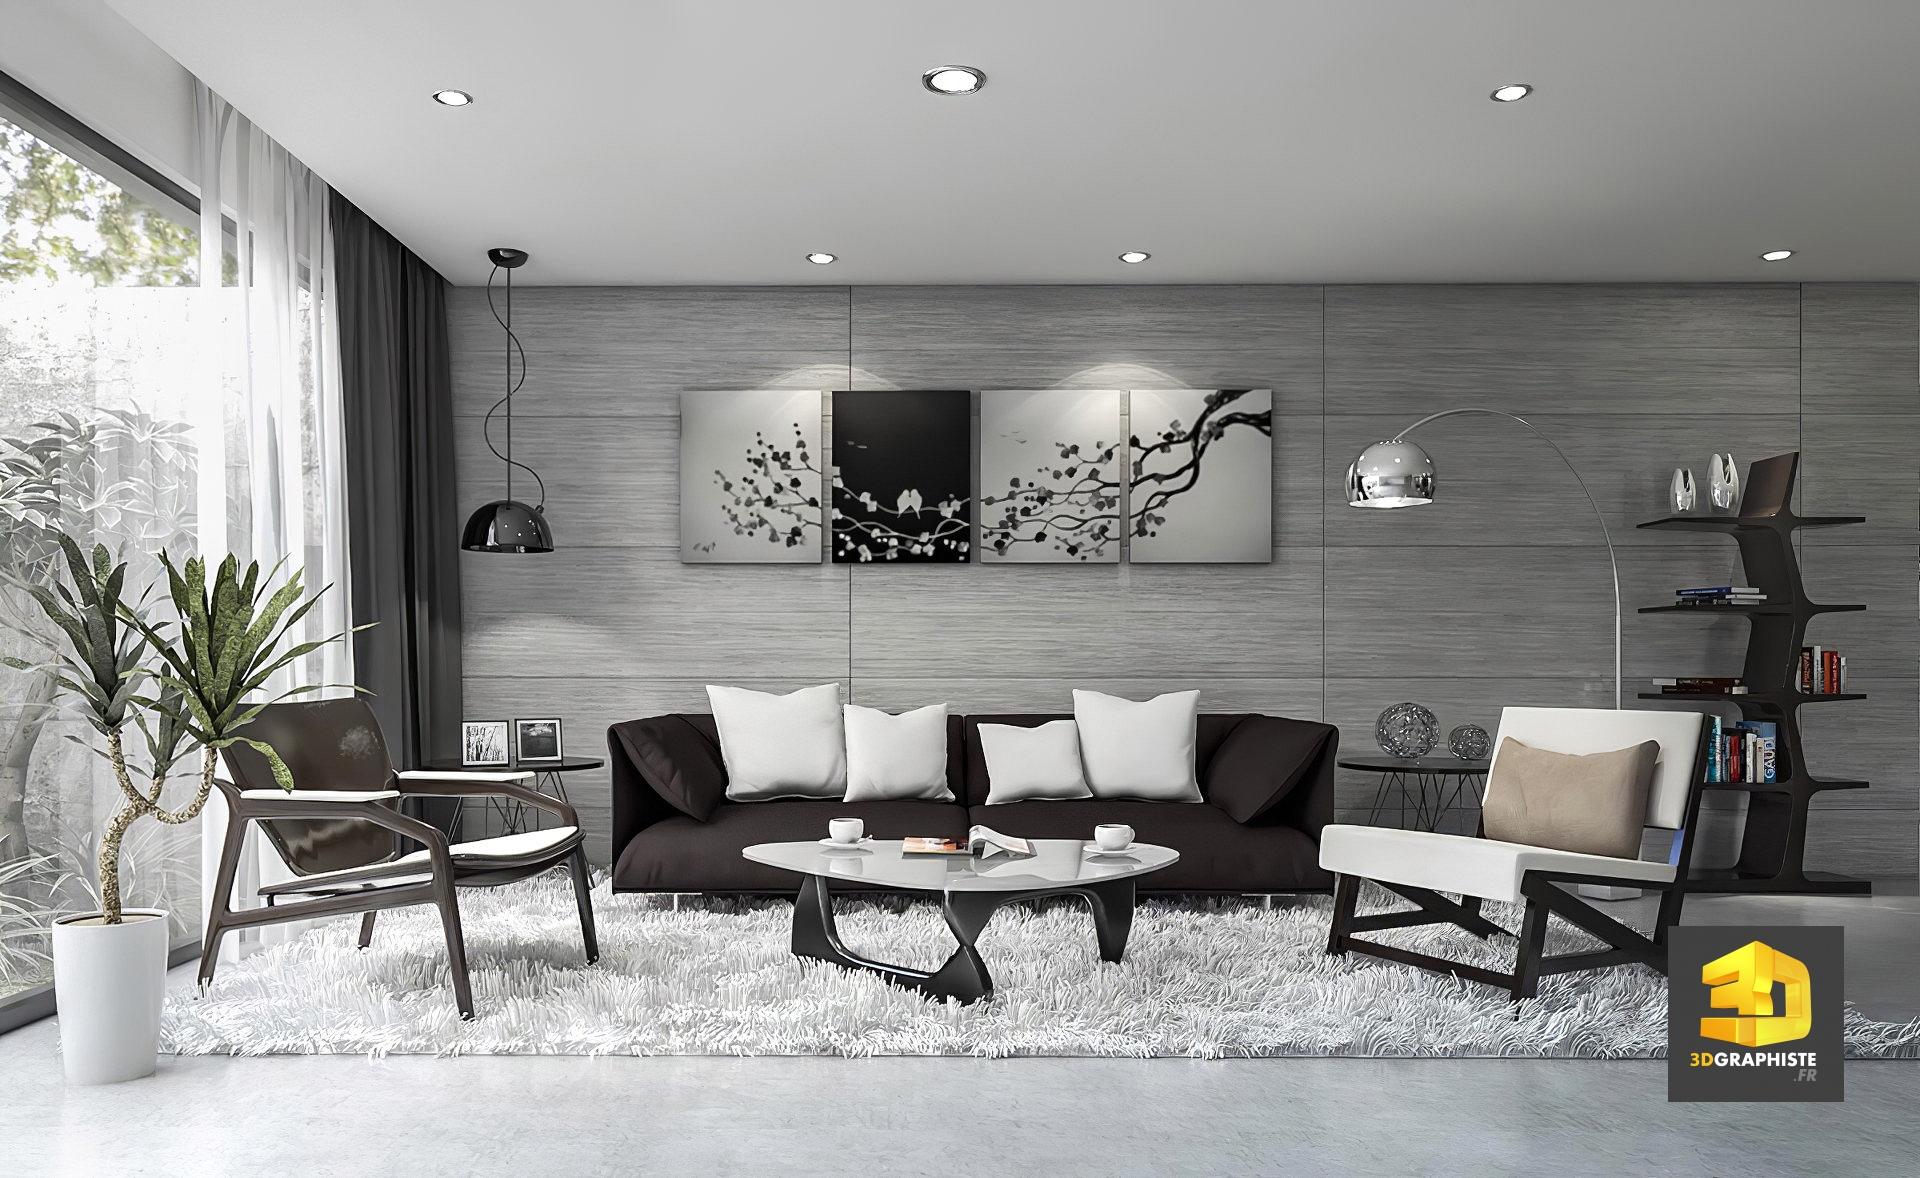 Decoratrice D Interieur Amiens design d'intérieur - appartements aramis amiens - 3dgraphiste.fr